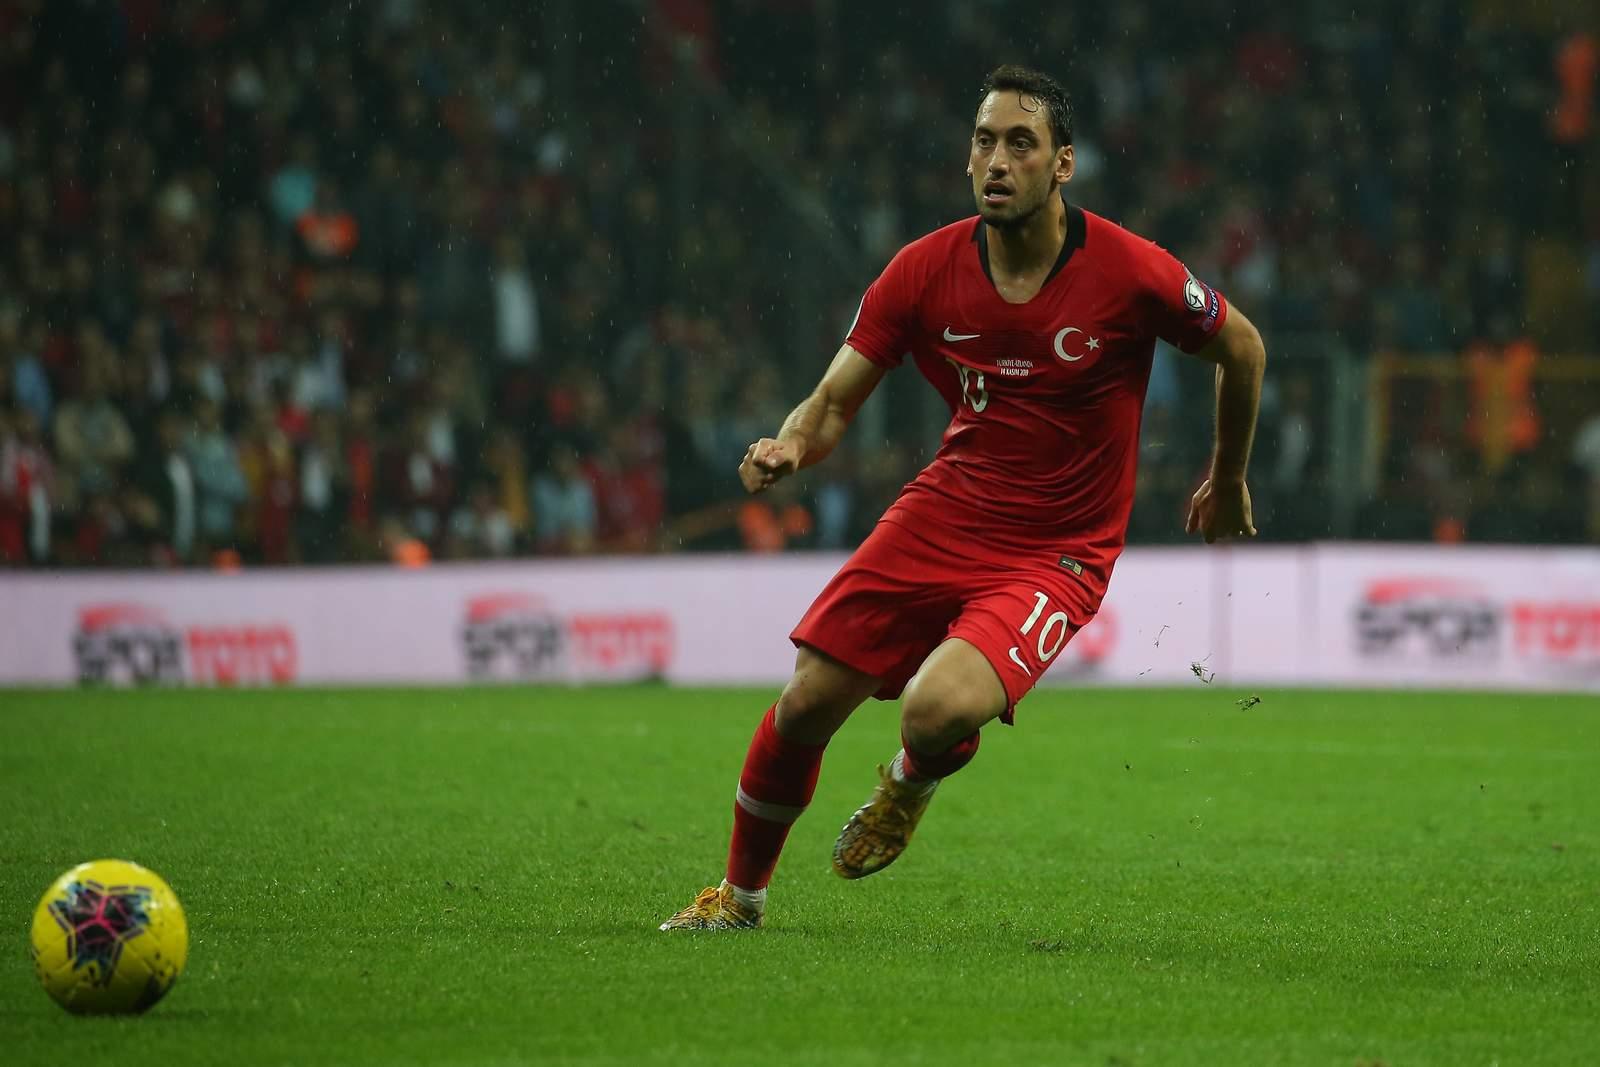 Hakan Calhanoglu am Ball für die Türkei. Jetzt auf Türkei vs Ungarn wetten